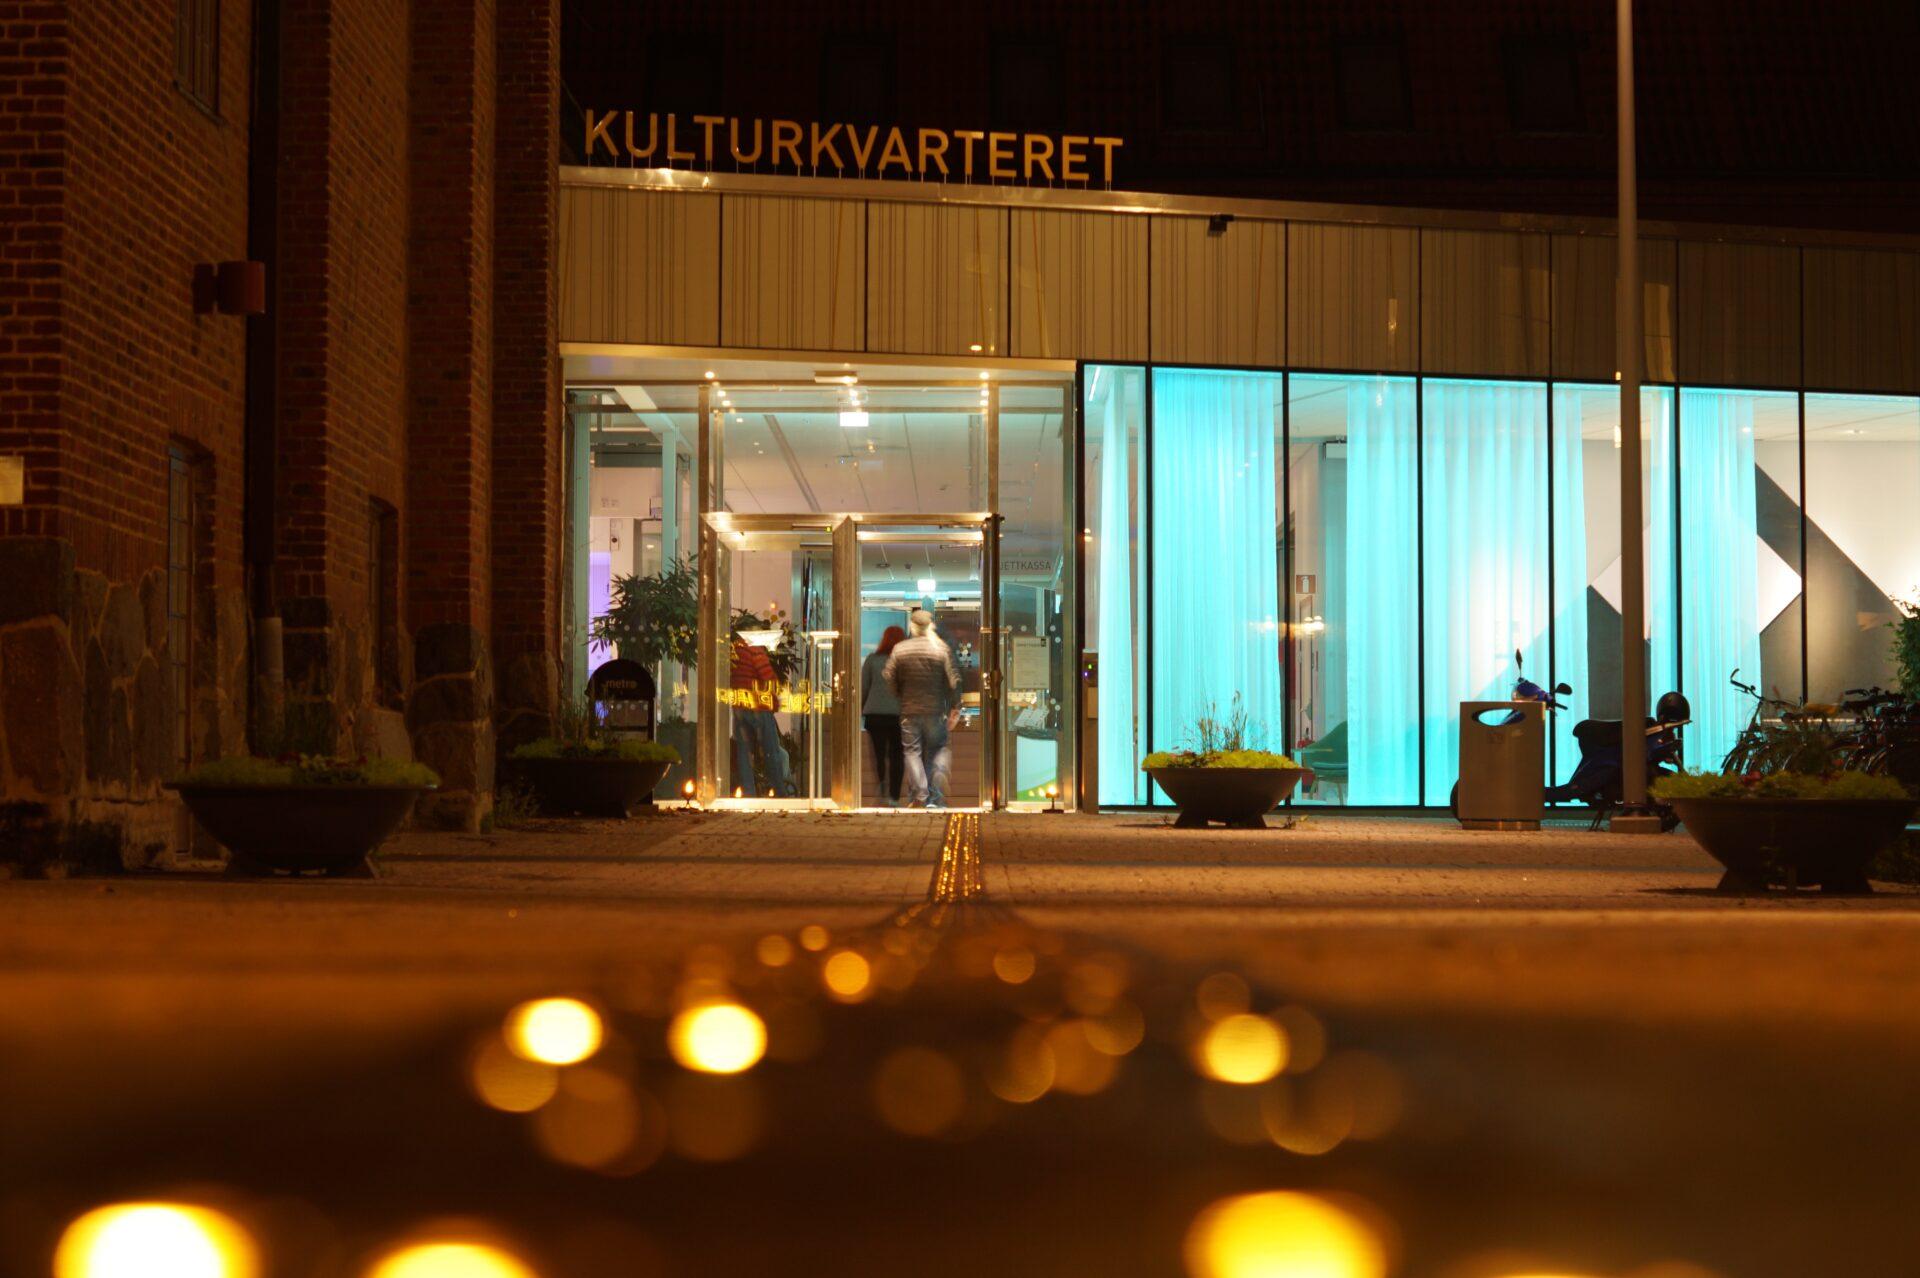 Ingång till Kulturkvarteret nattetid.